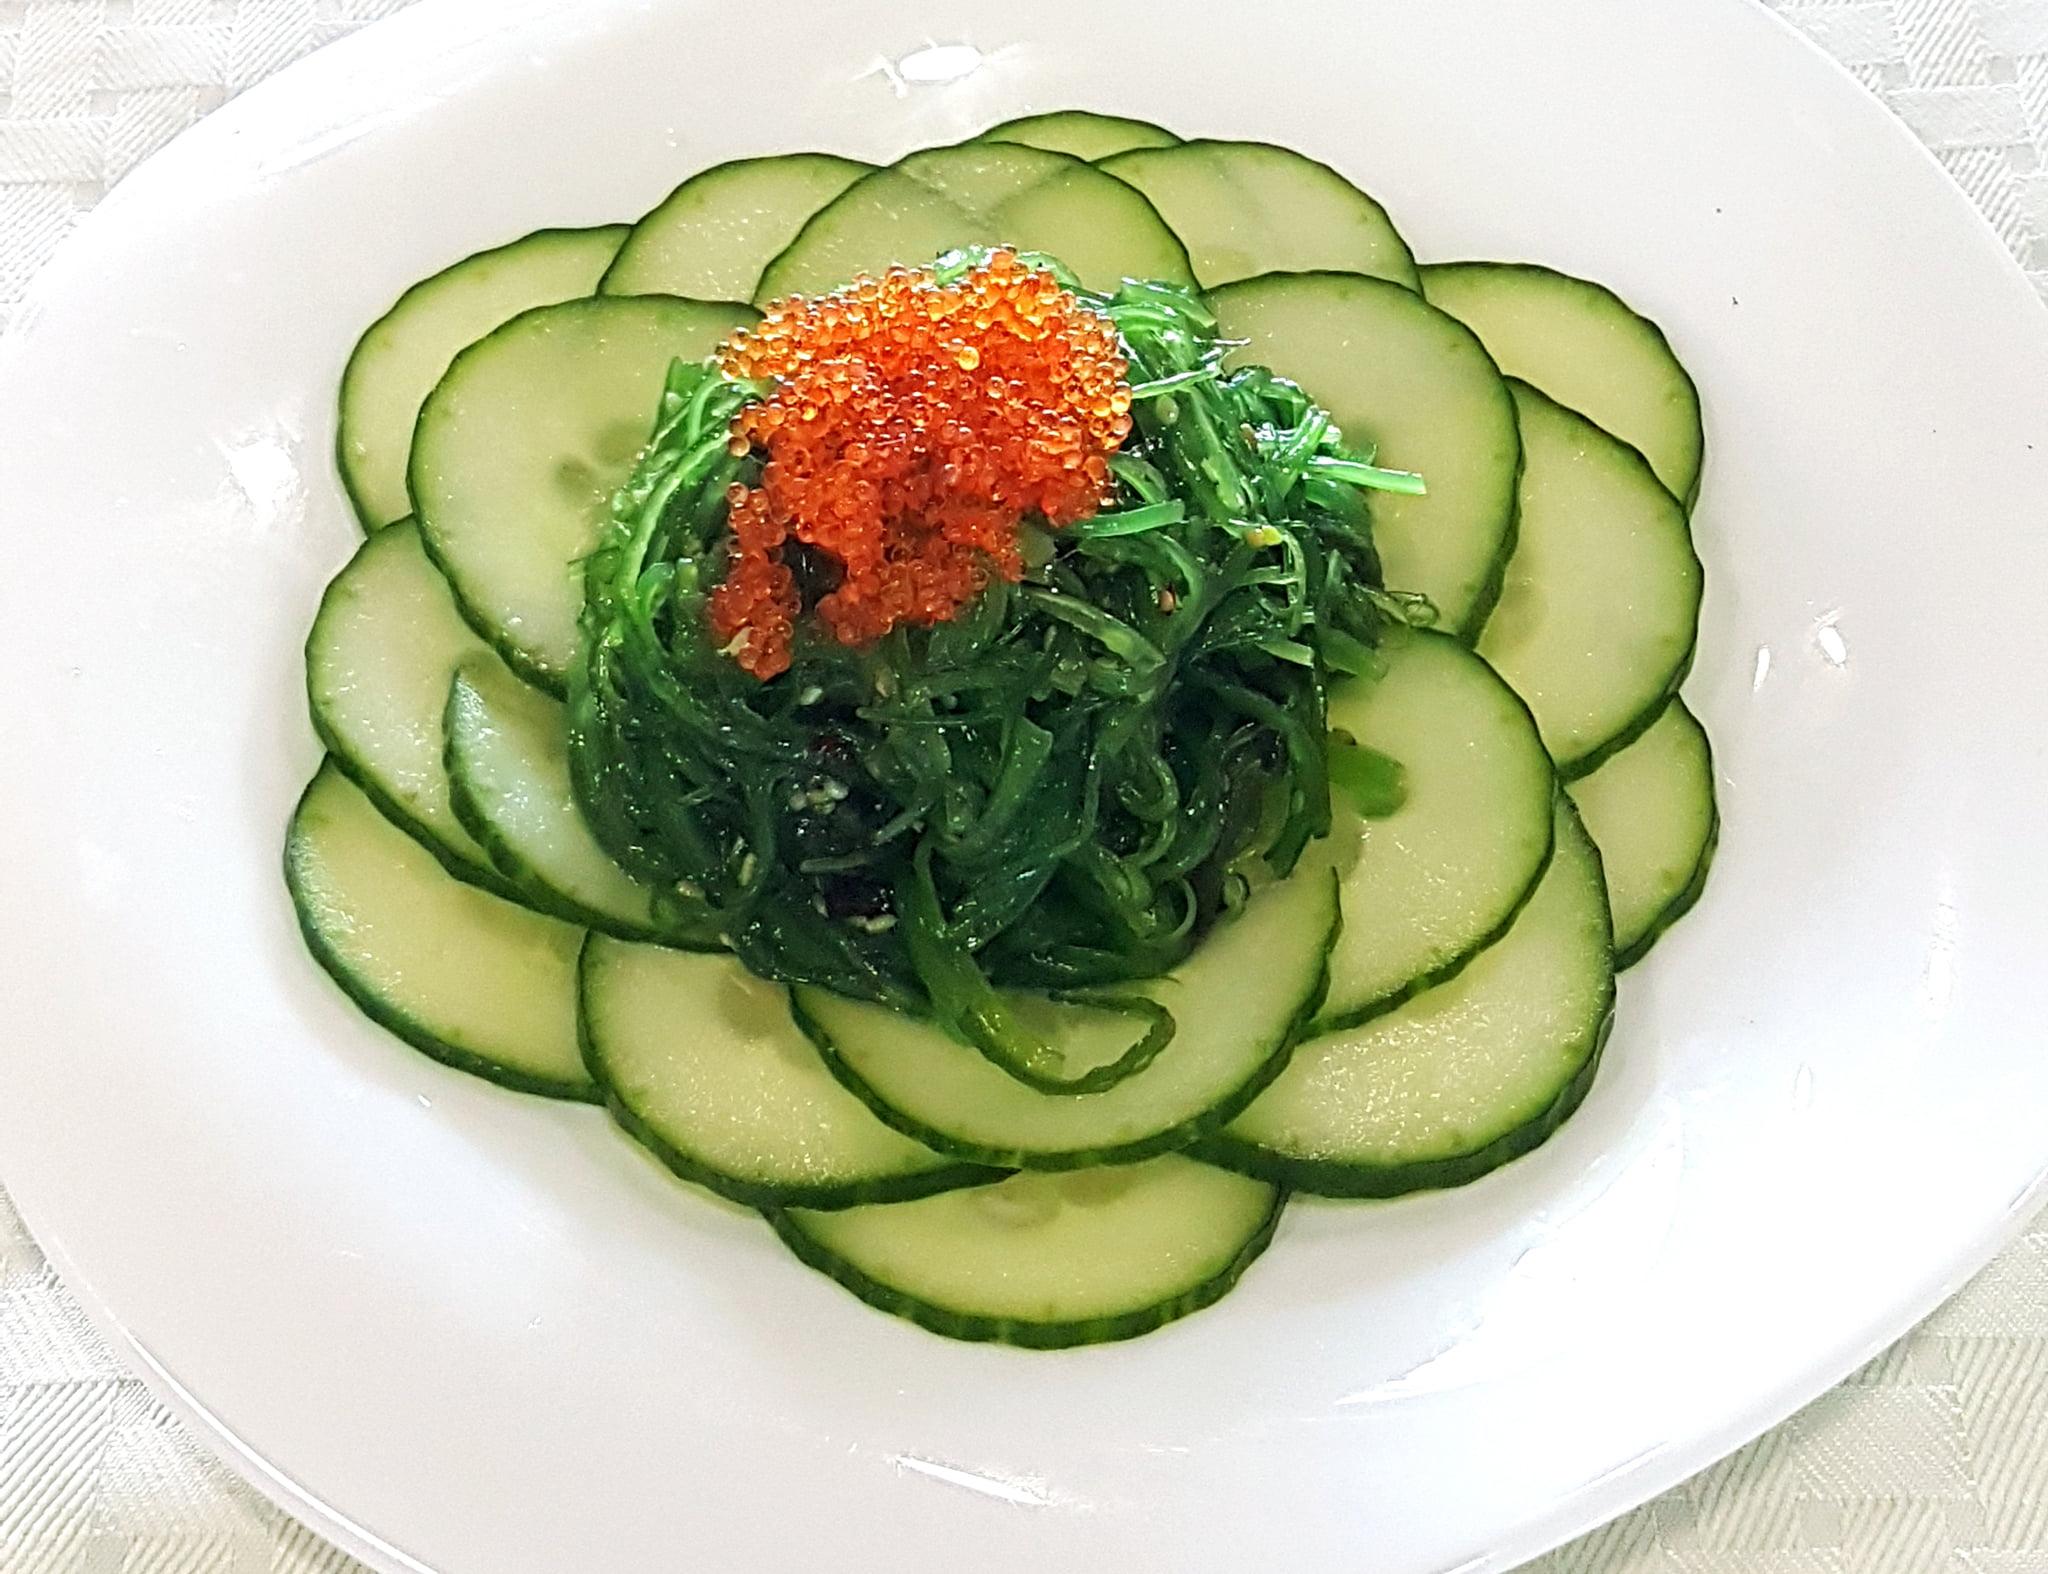 ensalada-wakame-restaurante-asiatico-semana-8